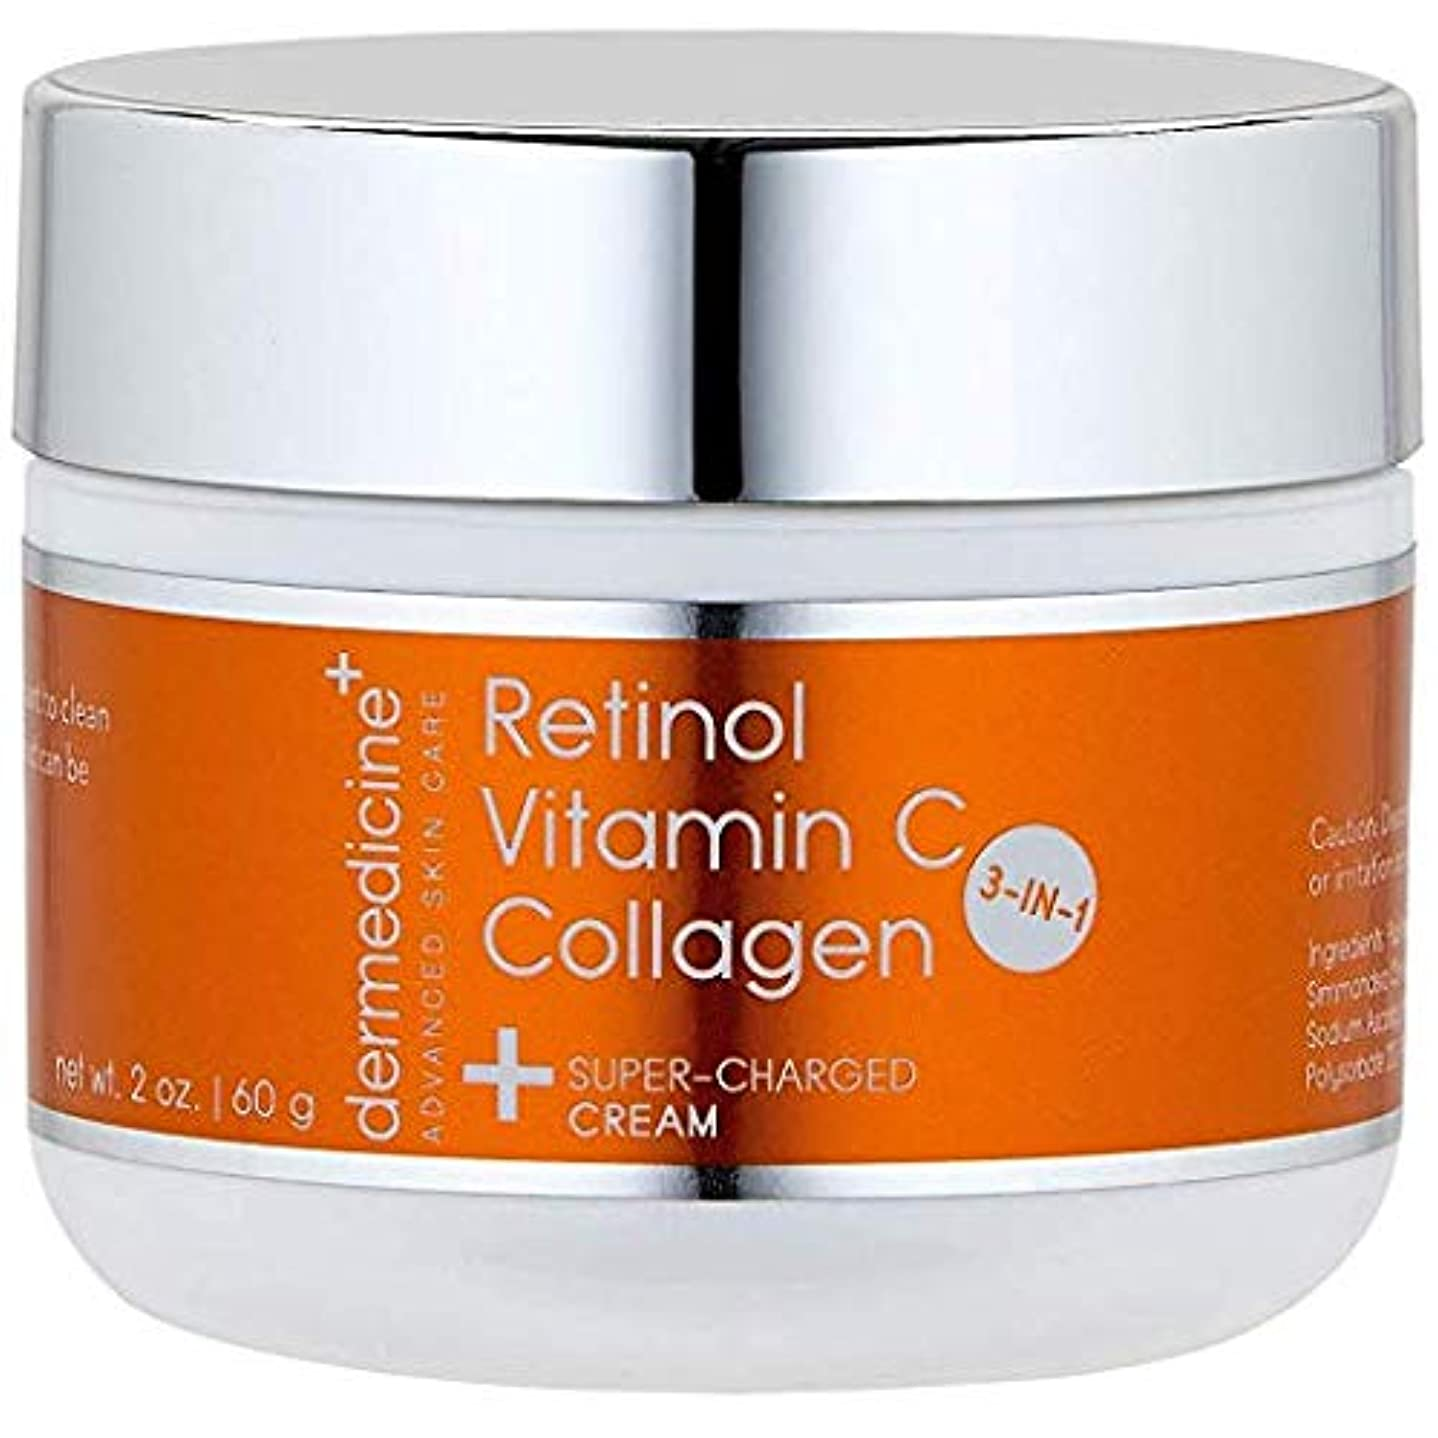 腐った豊かにするオデュッセウスプレミアム エイジングケアクリーム【3IN1】 コラーゲン+レチノール+ビタミンC配合 60g シミ取り&シワ取り ほうれい線を取り、顔のリフトアップも(若々しい弾力のある肌へ)